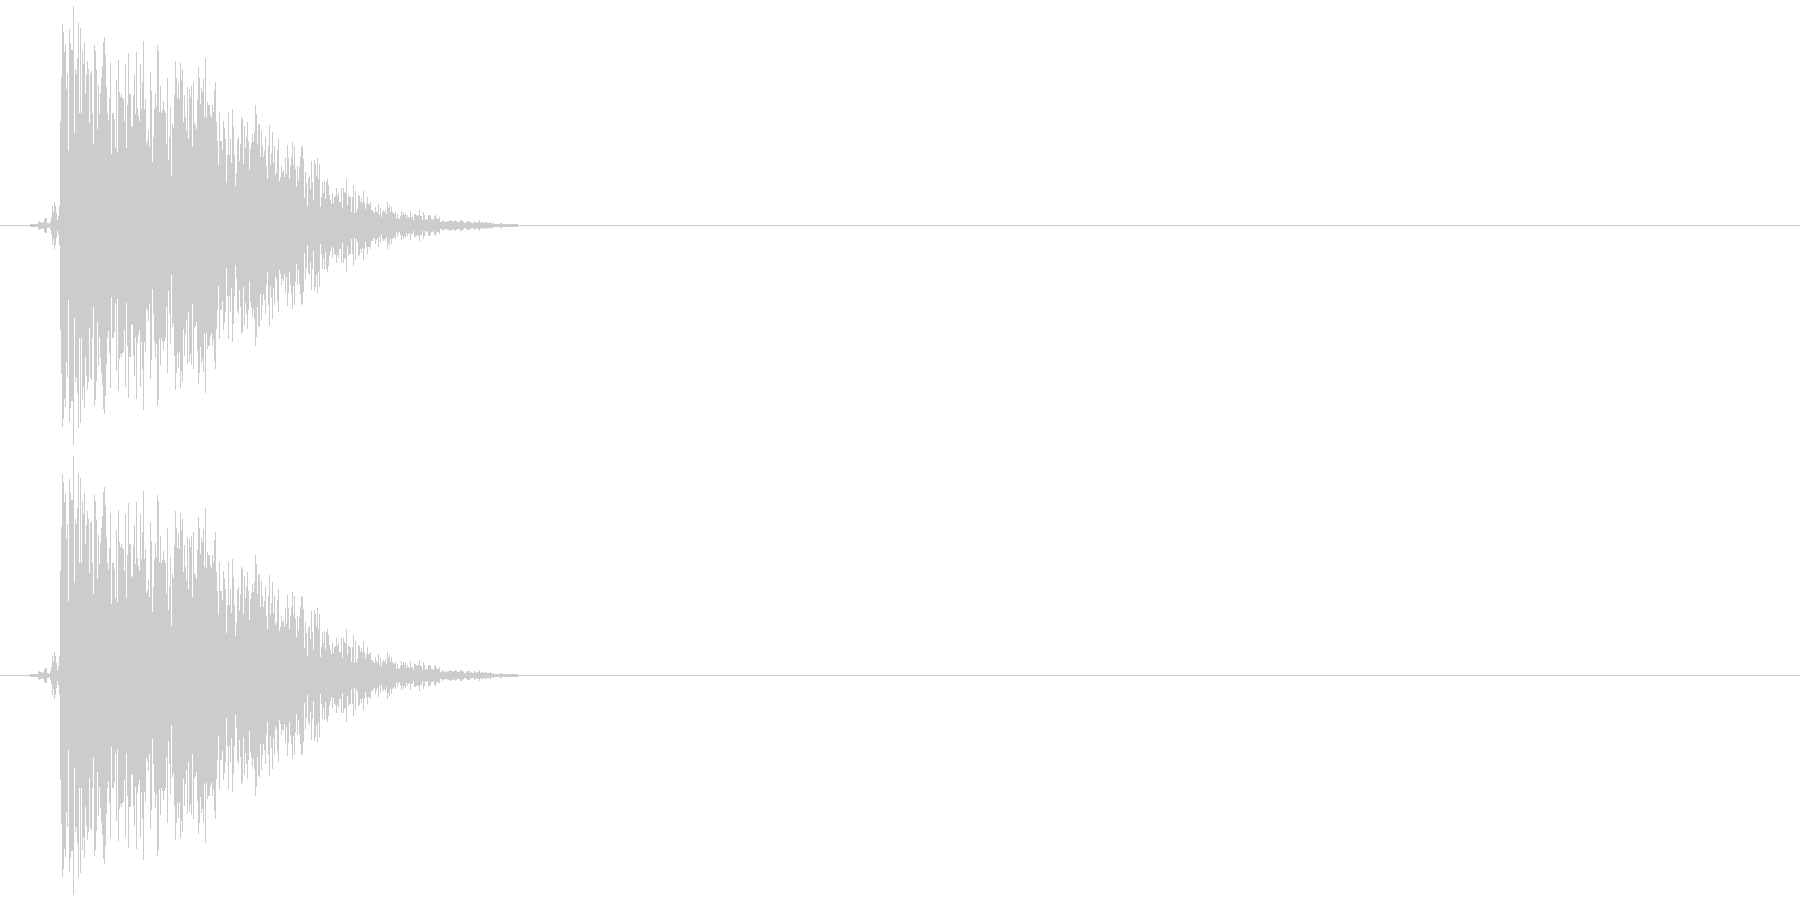 ハードフェイススラップ;ヴィンテー...の未再生の波形